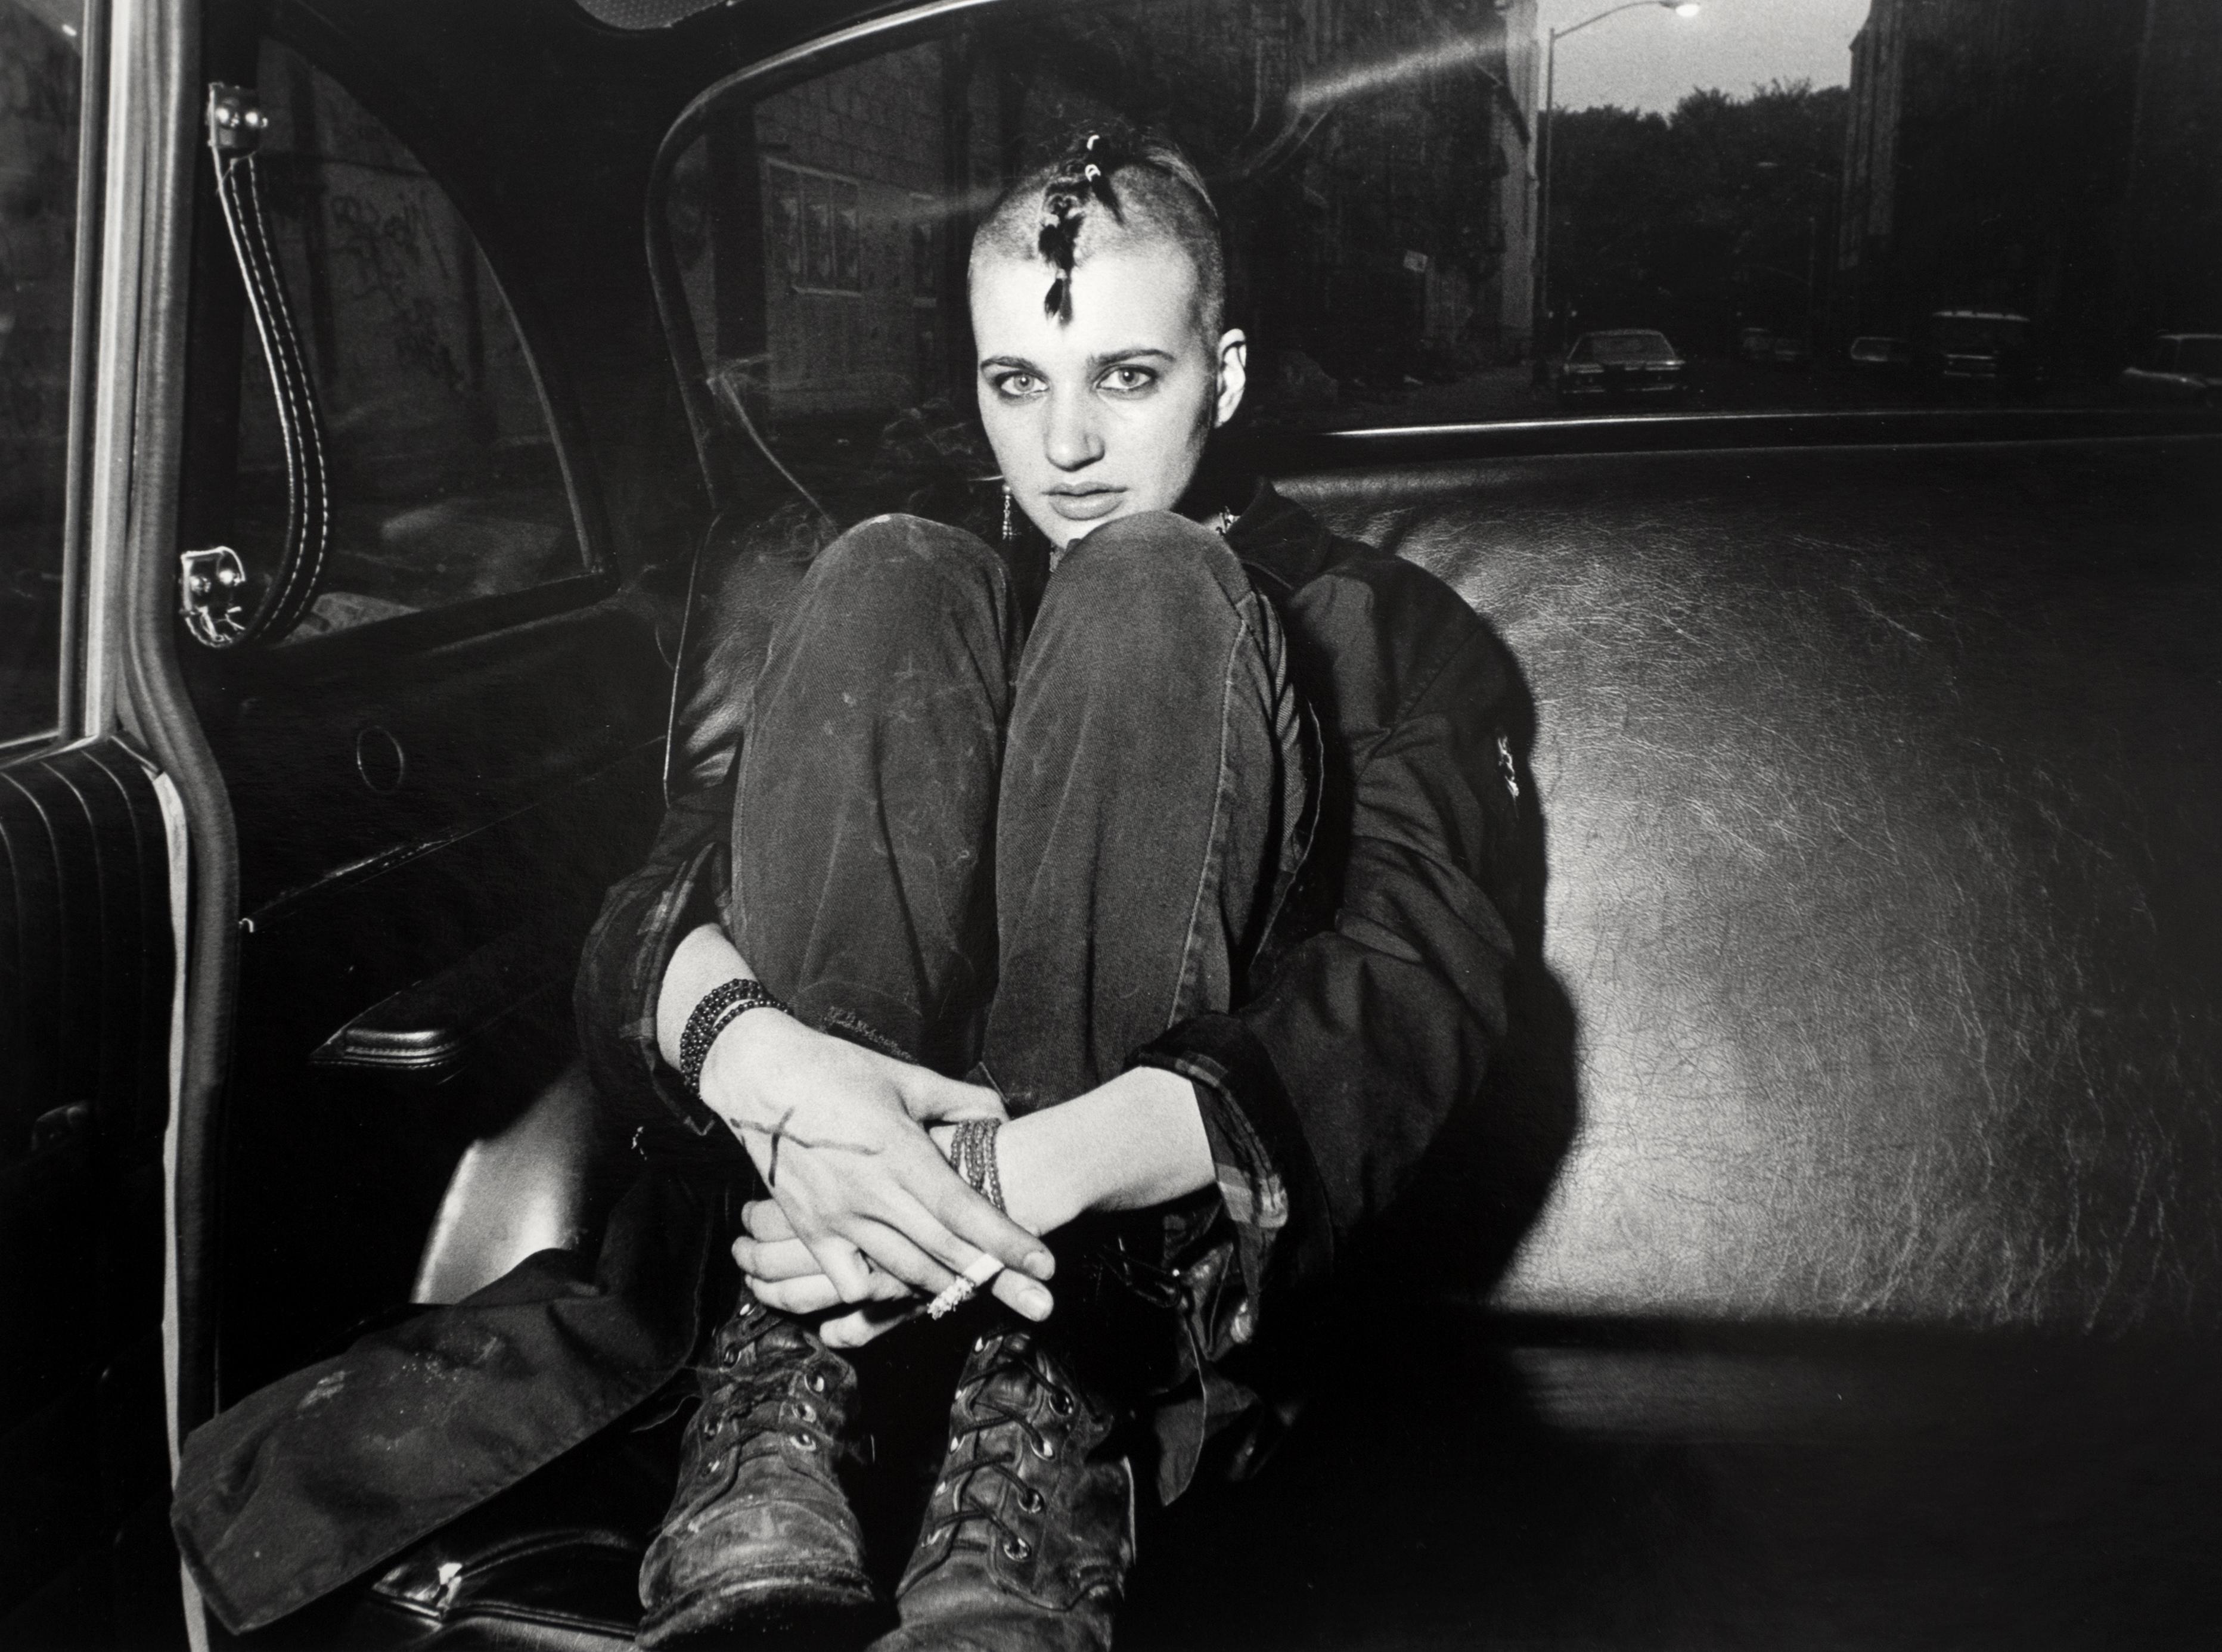 weideman-taxi-punk